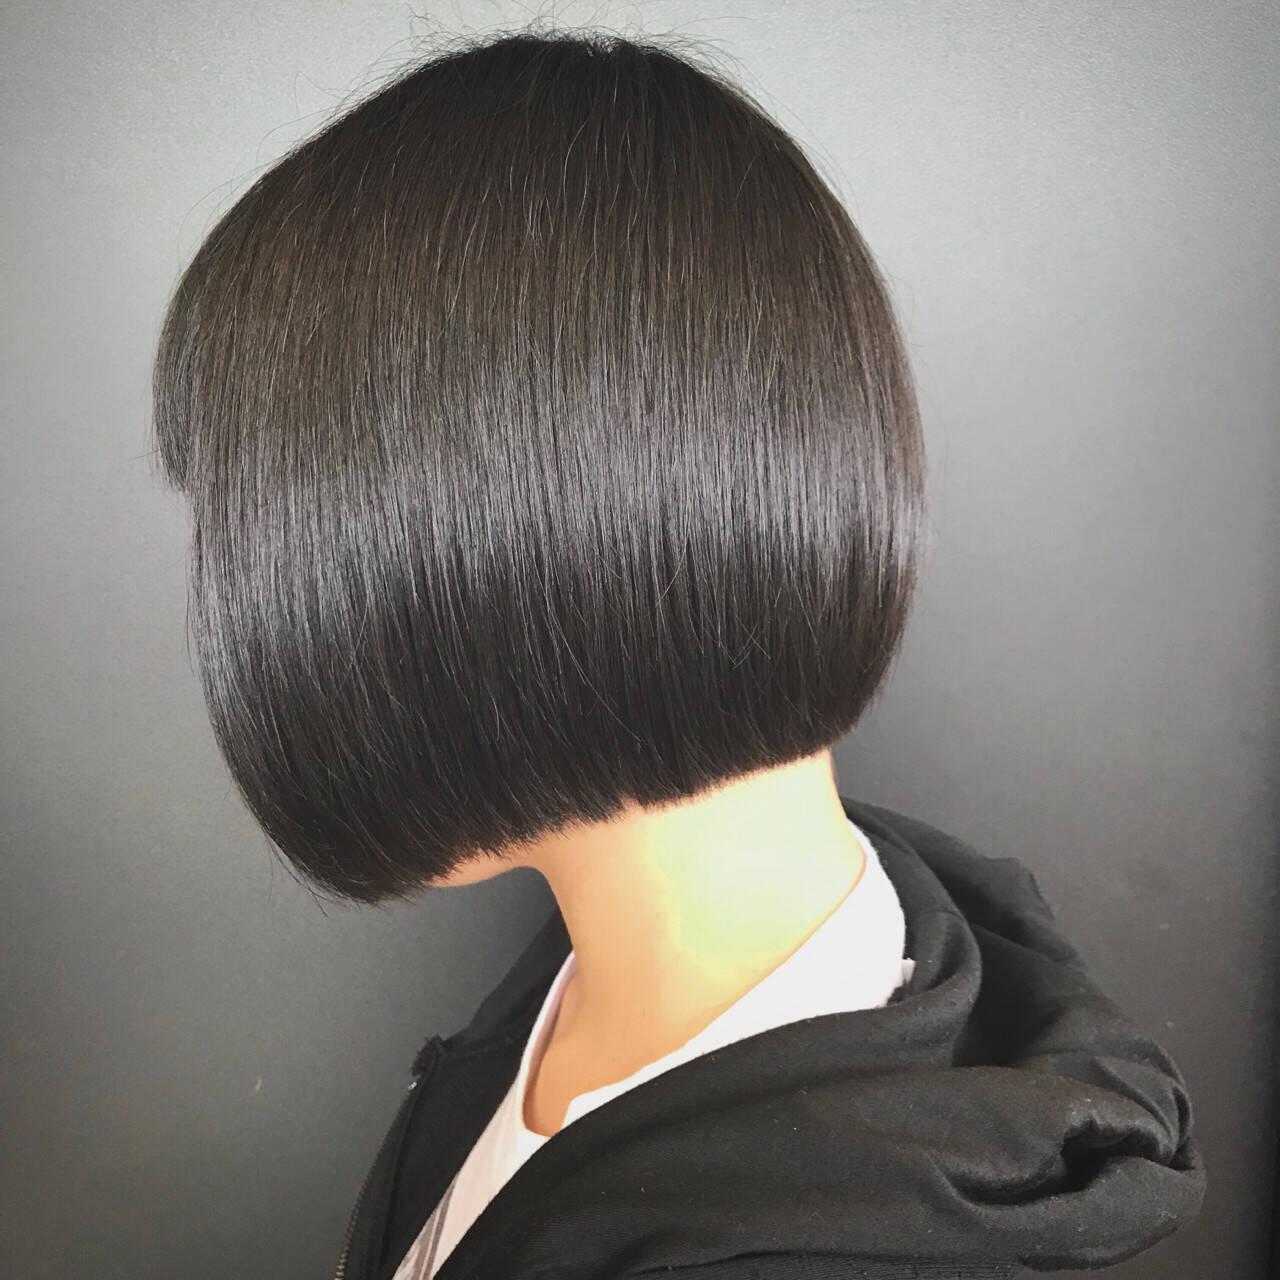 オフィス 前下がり 大人女子 ボブヘアスタイルや髪型の写真・画像